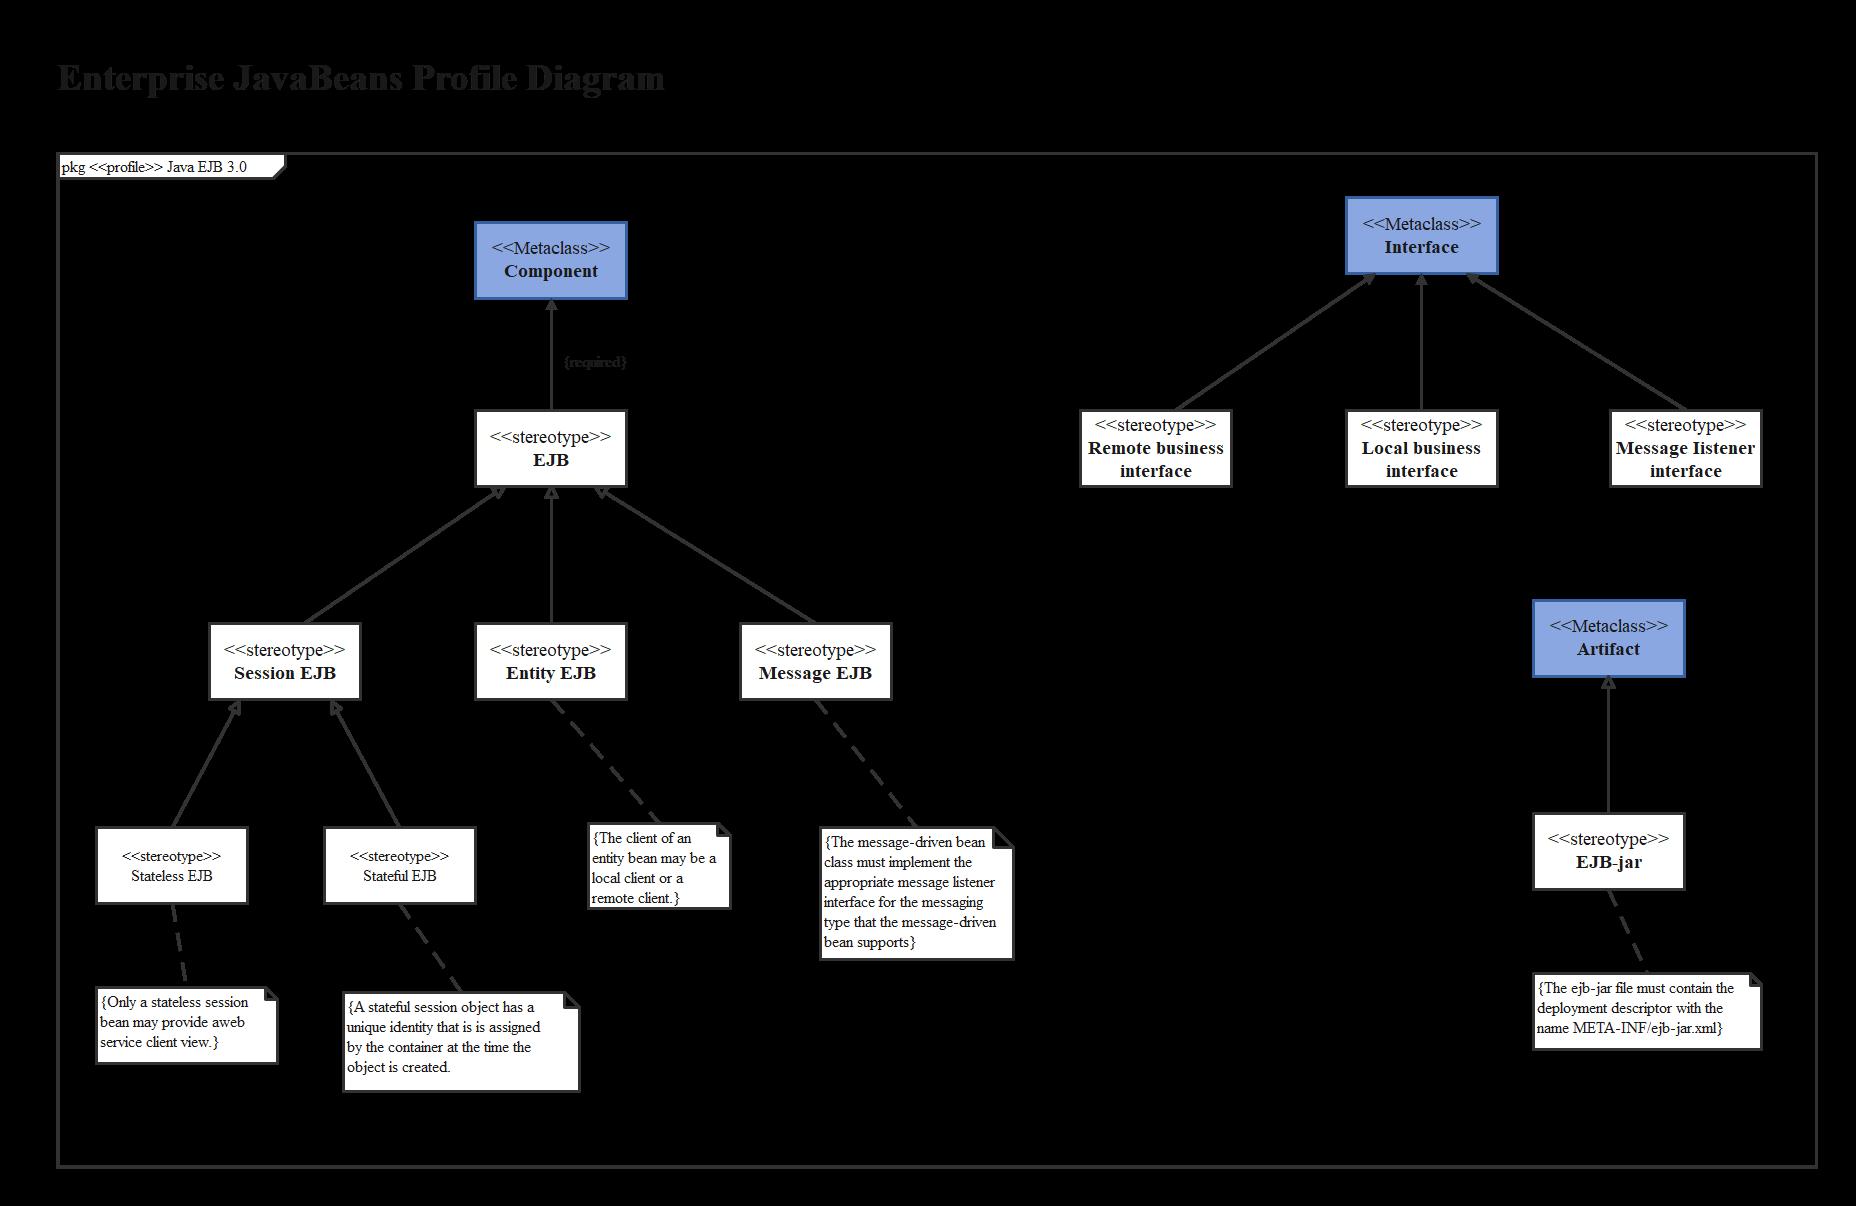 Enterprise JavaBeans Profile Diagram